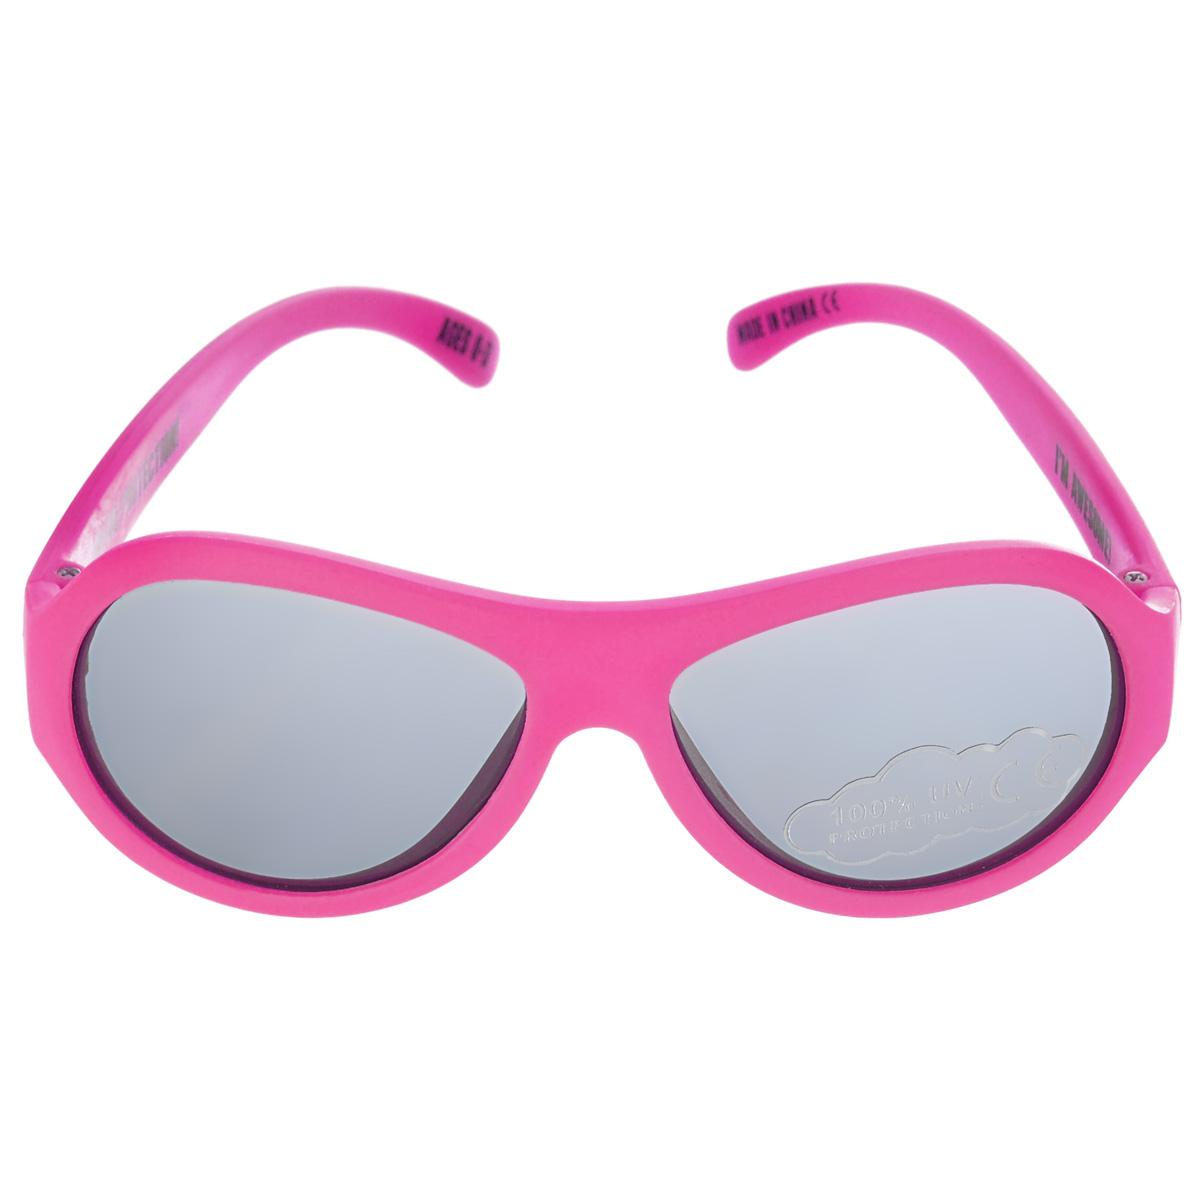 Детские солнцезащитные очки Babiators Поп-звезда (Popstar), цвет: розовый, 0-3 годаINT-06501Вы делаете все возможное, чтобы ваши дети были здоровы и в безопасности. Шлемы для езды на велосипеде, солнцезащитный крем для прогулок на солнце... Но как насчет влияния солнца на глаза вашего ребенка? Правда в том, что сетчатка глаза у детей развивается вместе с самим ребенком. Это означает, что глаза малышей не могут отфильтровать УФ-излучение. Проблема понятна - детям нужна настоящая защита, чтобы глазки были в безопасности, а зрение сильным.Каждая пара солнцезащитных очков Babiators для детей обеспечивает 100% защиту от UVA и UVB. Прочные линзы высшего качества из поликарбоната не подведут в самых сложных переделках. В отличие от обычных пластиковых очков, оправа Babiators выполнена из гибкого прорезиненного материала (термопластичного эластомера), что делает их ударопрочными, их можно сгибать и крутить - они не сломаются и вернутся в прежнюю форму. Не бойтесь, что ребенок сядет на них - они все выдержат. Будьте уверены, что очки Babiators созданы безопасными, прочными и классными, так что вы и ваш ребенок можете приступать к своим приключениям!